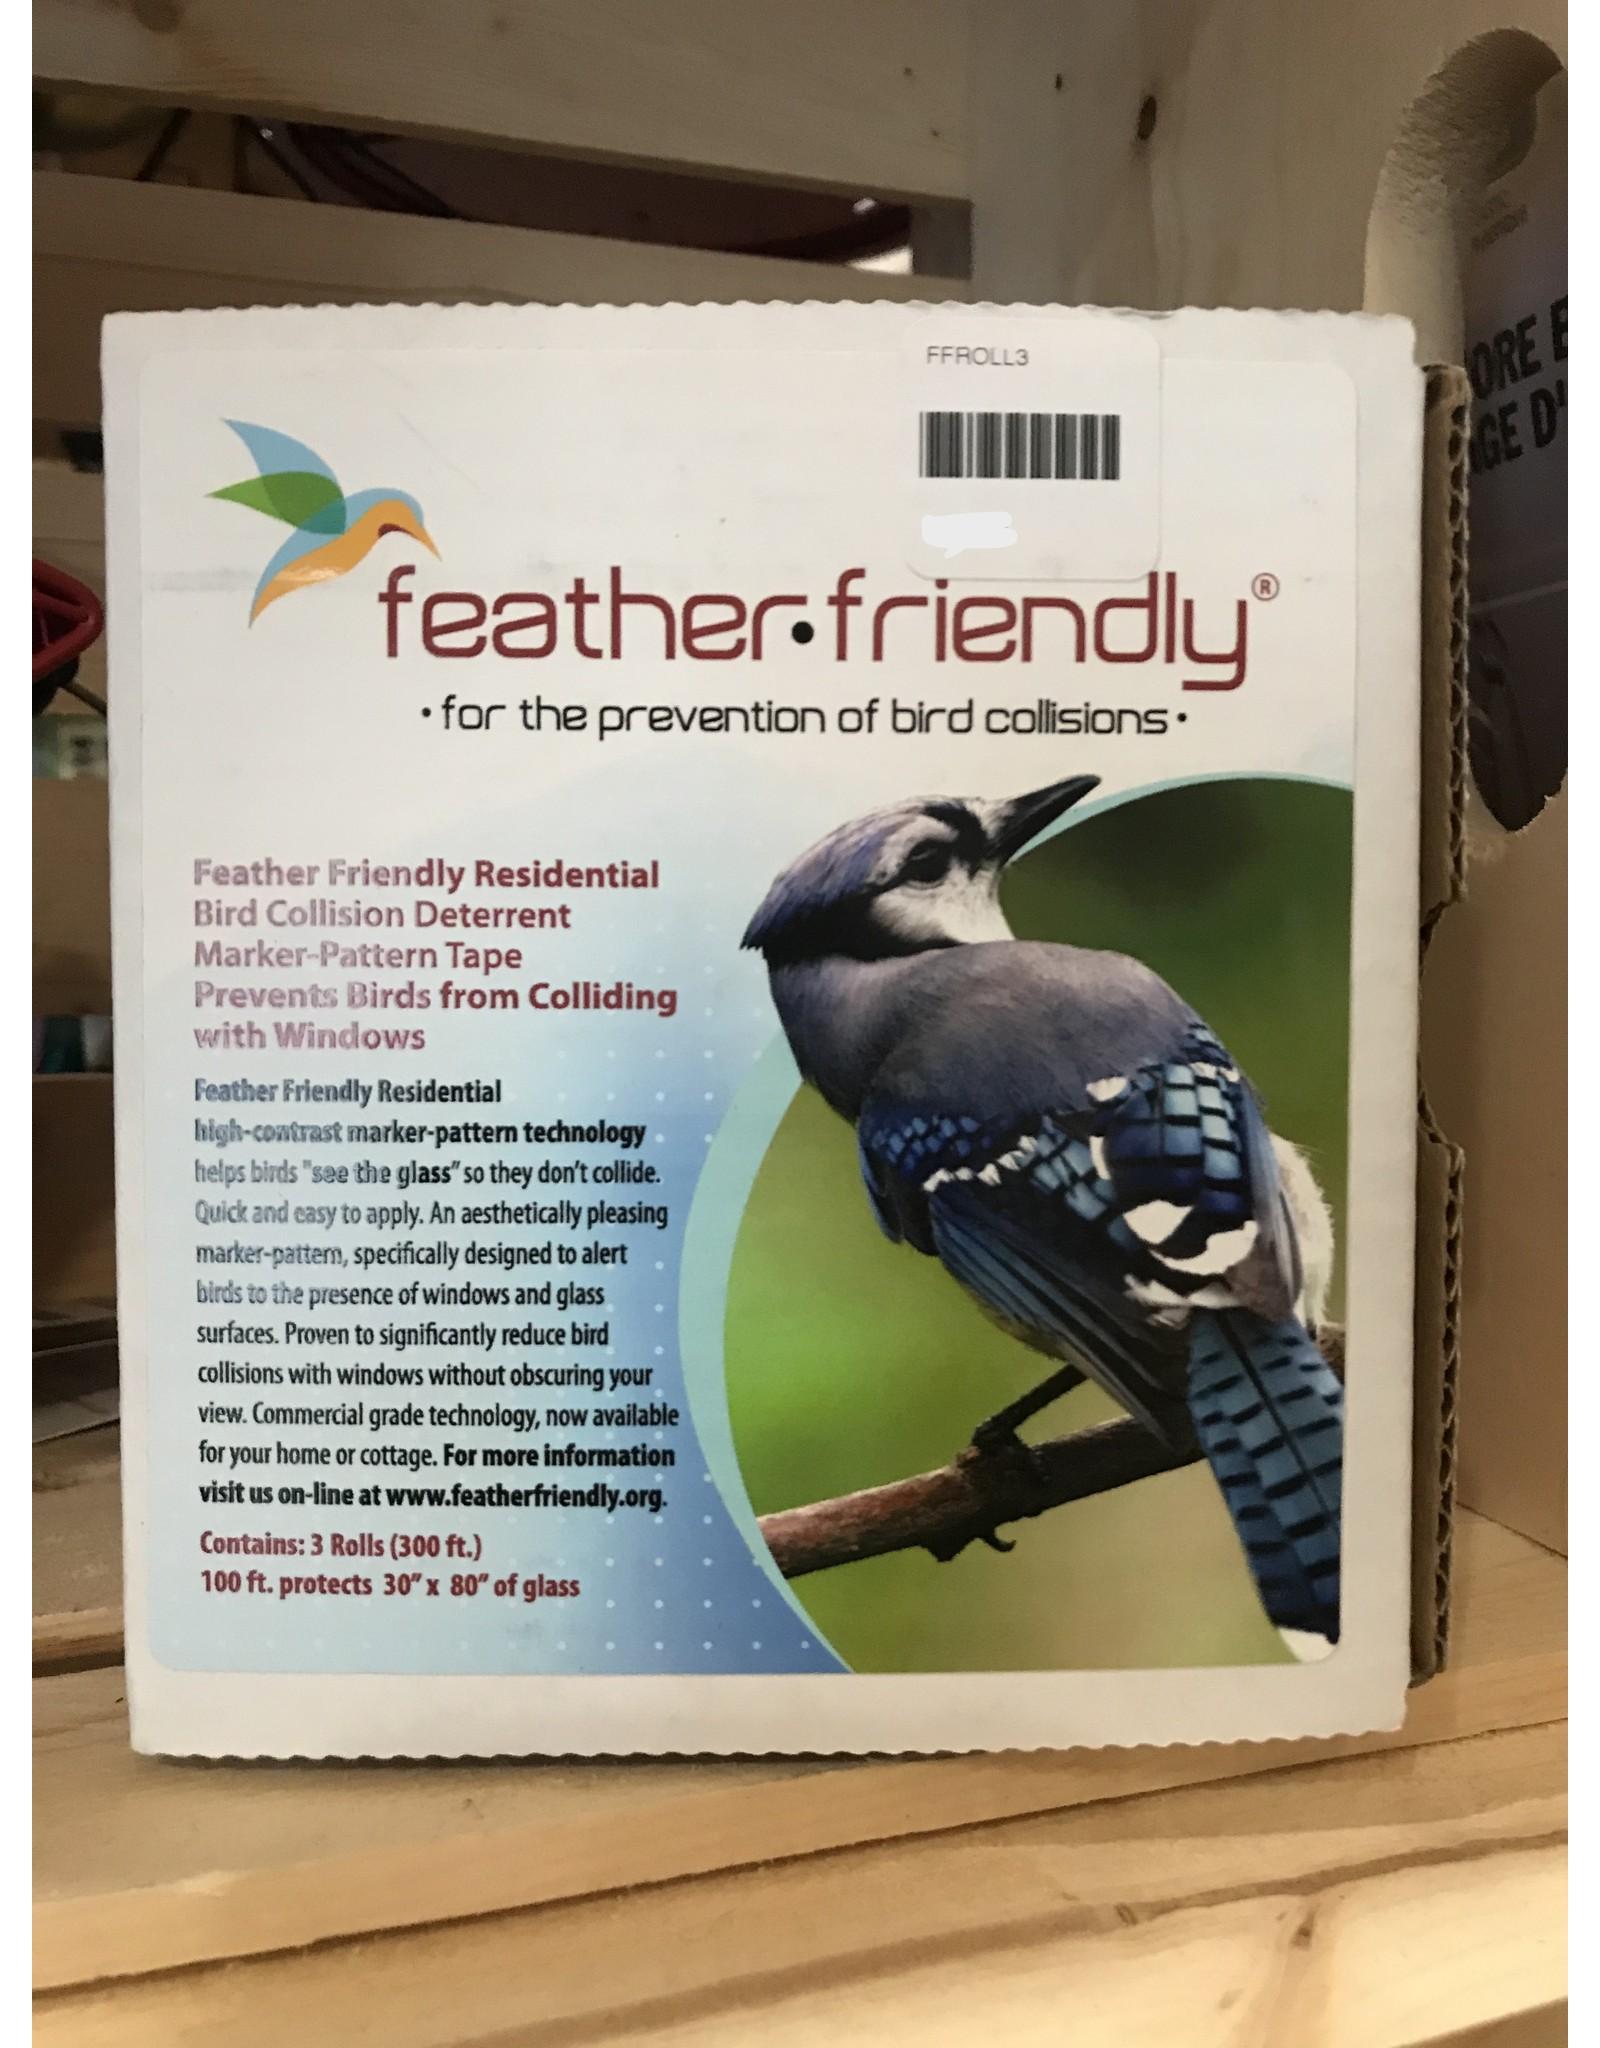 Feather Friendly FFROLL3 Feather Friendly 3 Rolls